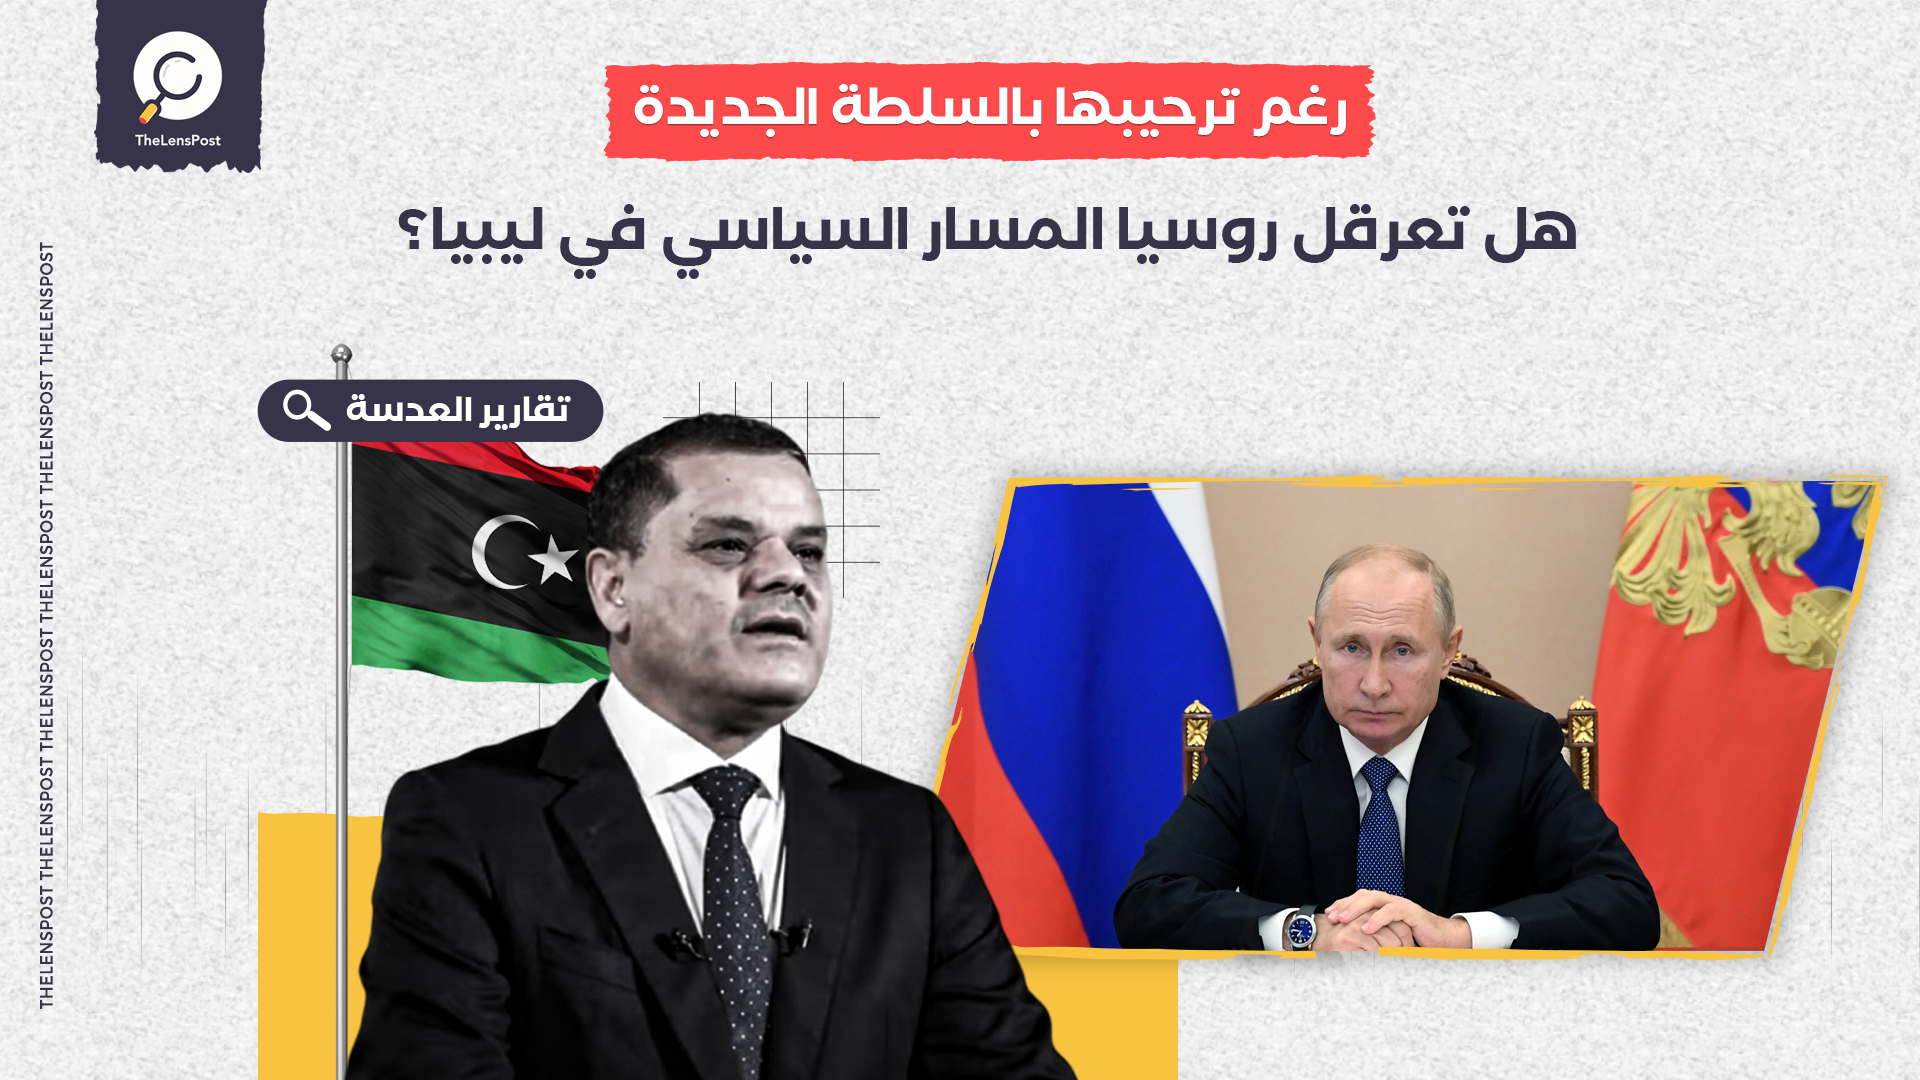 رغم ترحيبها بالسلطة الجديدة.. هل تعرقل روسيا المسار السياسي في ليبيا؟